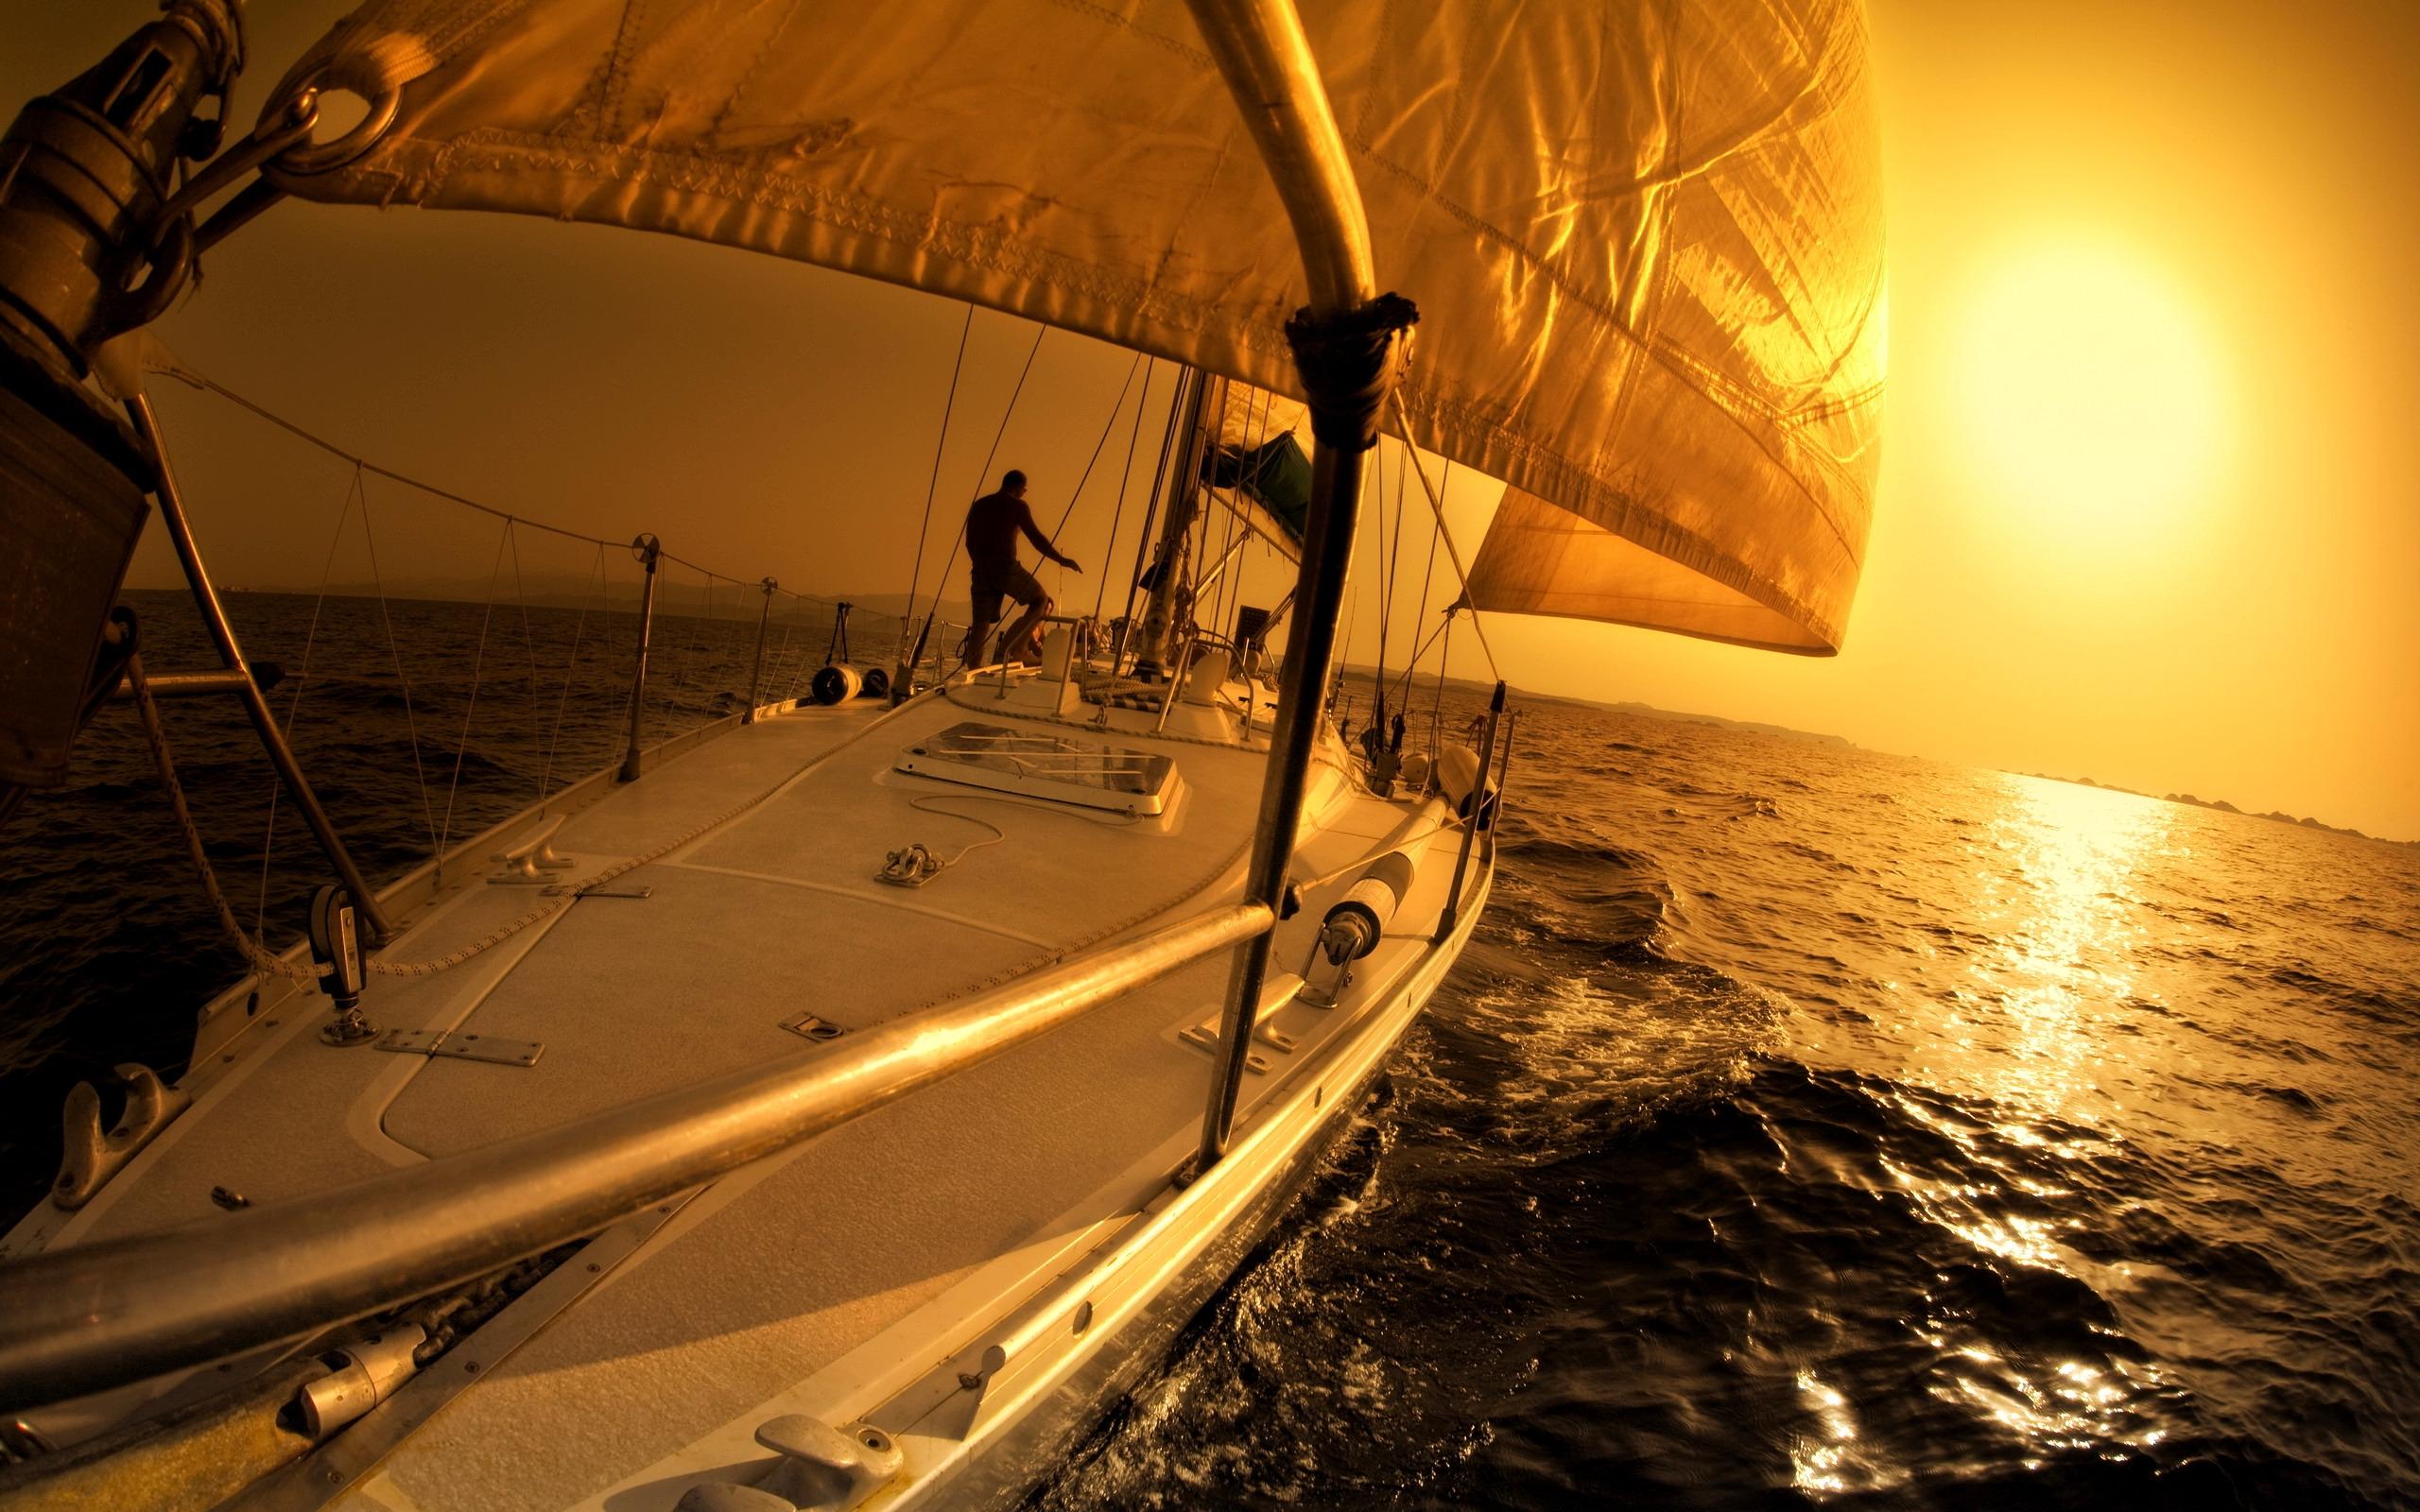 帆船运动,大奖赛,英文,深圳,上海 帆译组-福利活动大放送,优先以我要航海网帆船队船员身份参赛 Sailboat